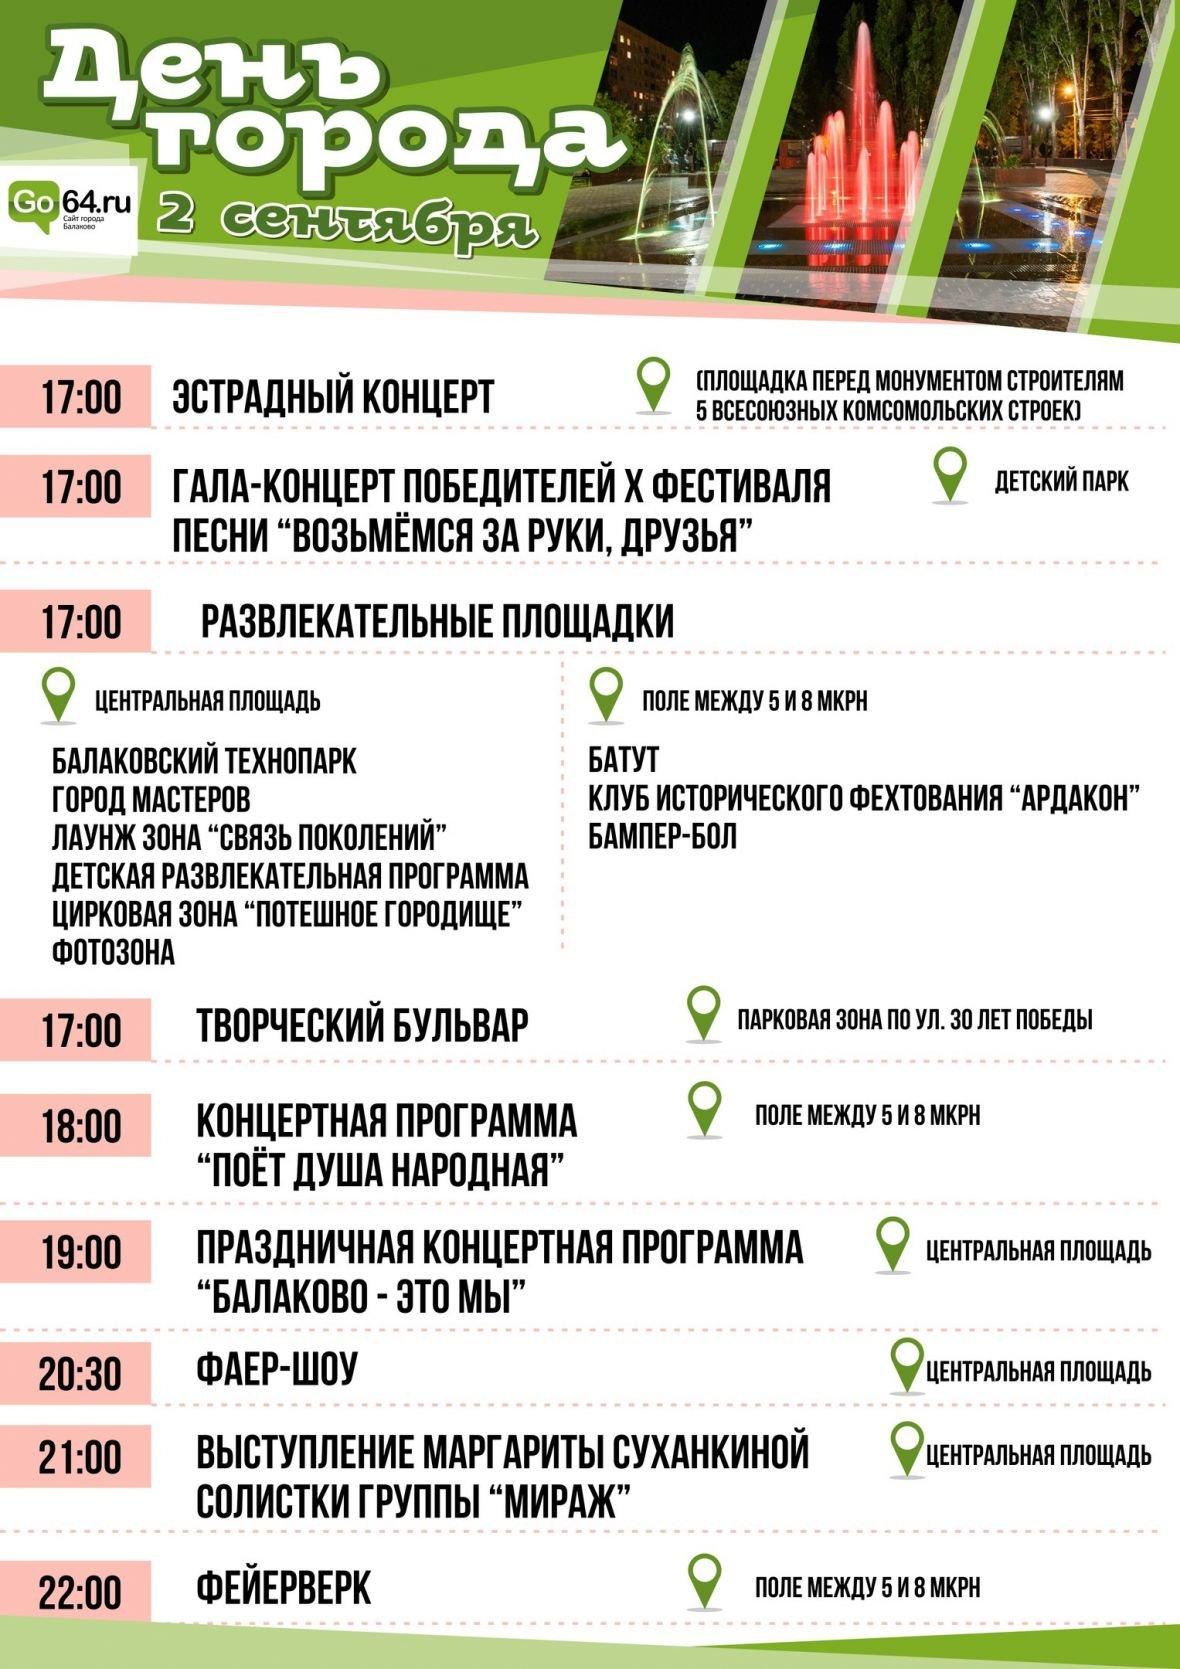 День_города_go64